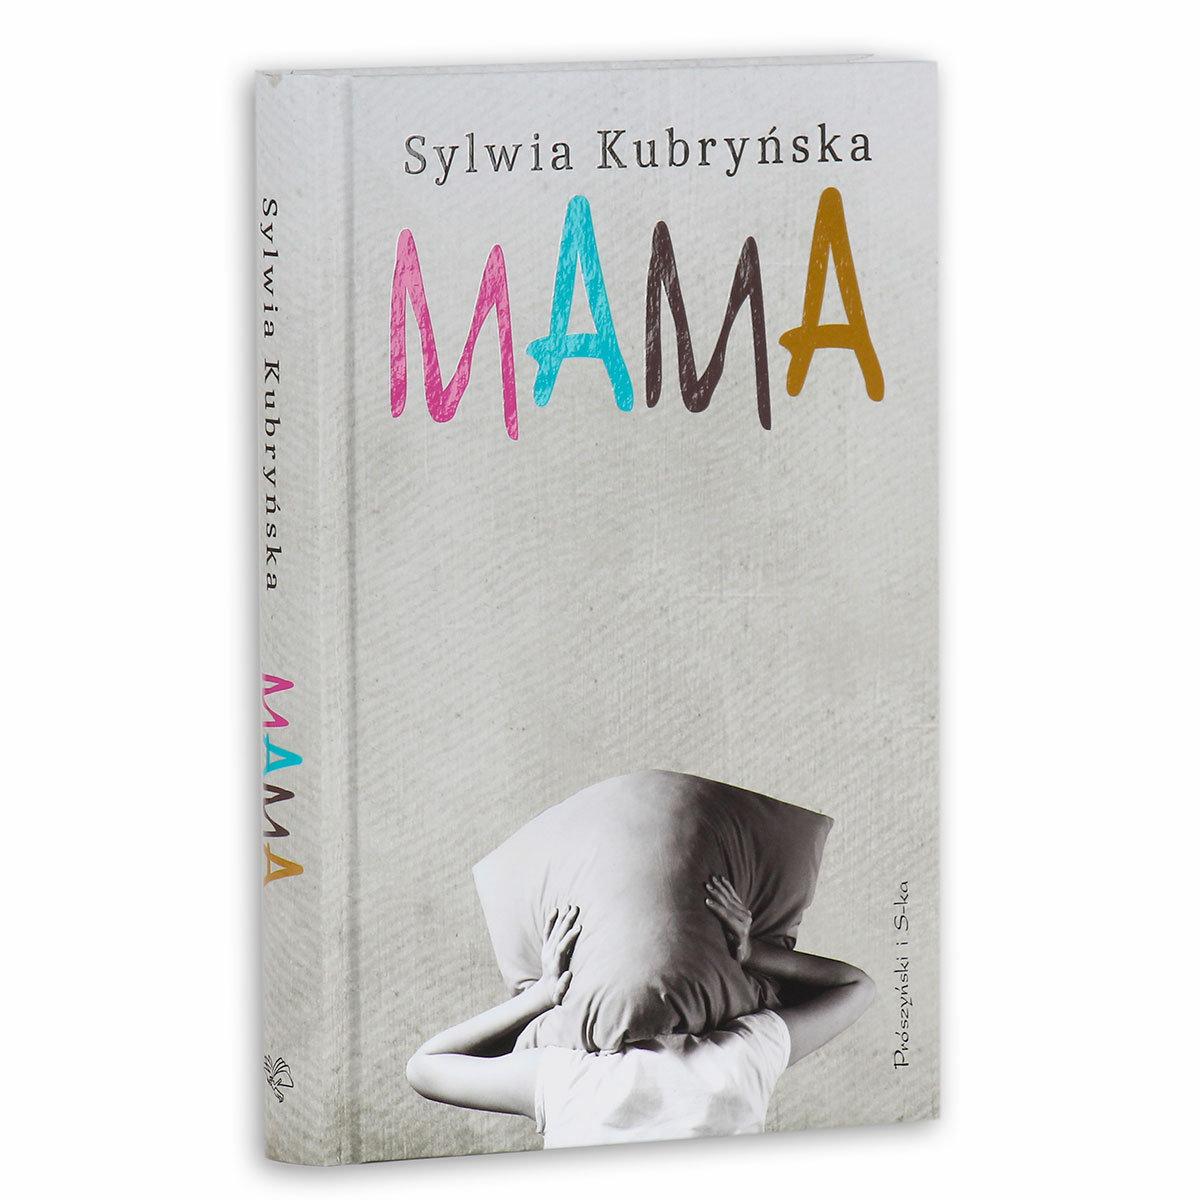 Mama Sylwii Kubryńskiej - lektura dla każdej kobiety?